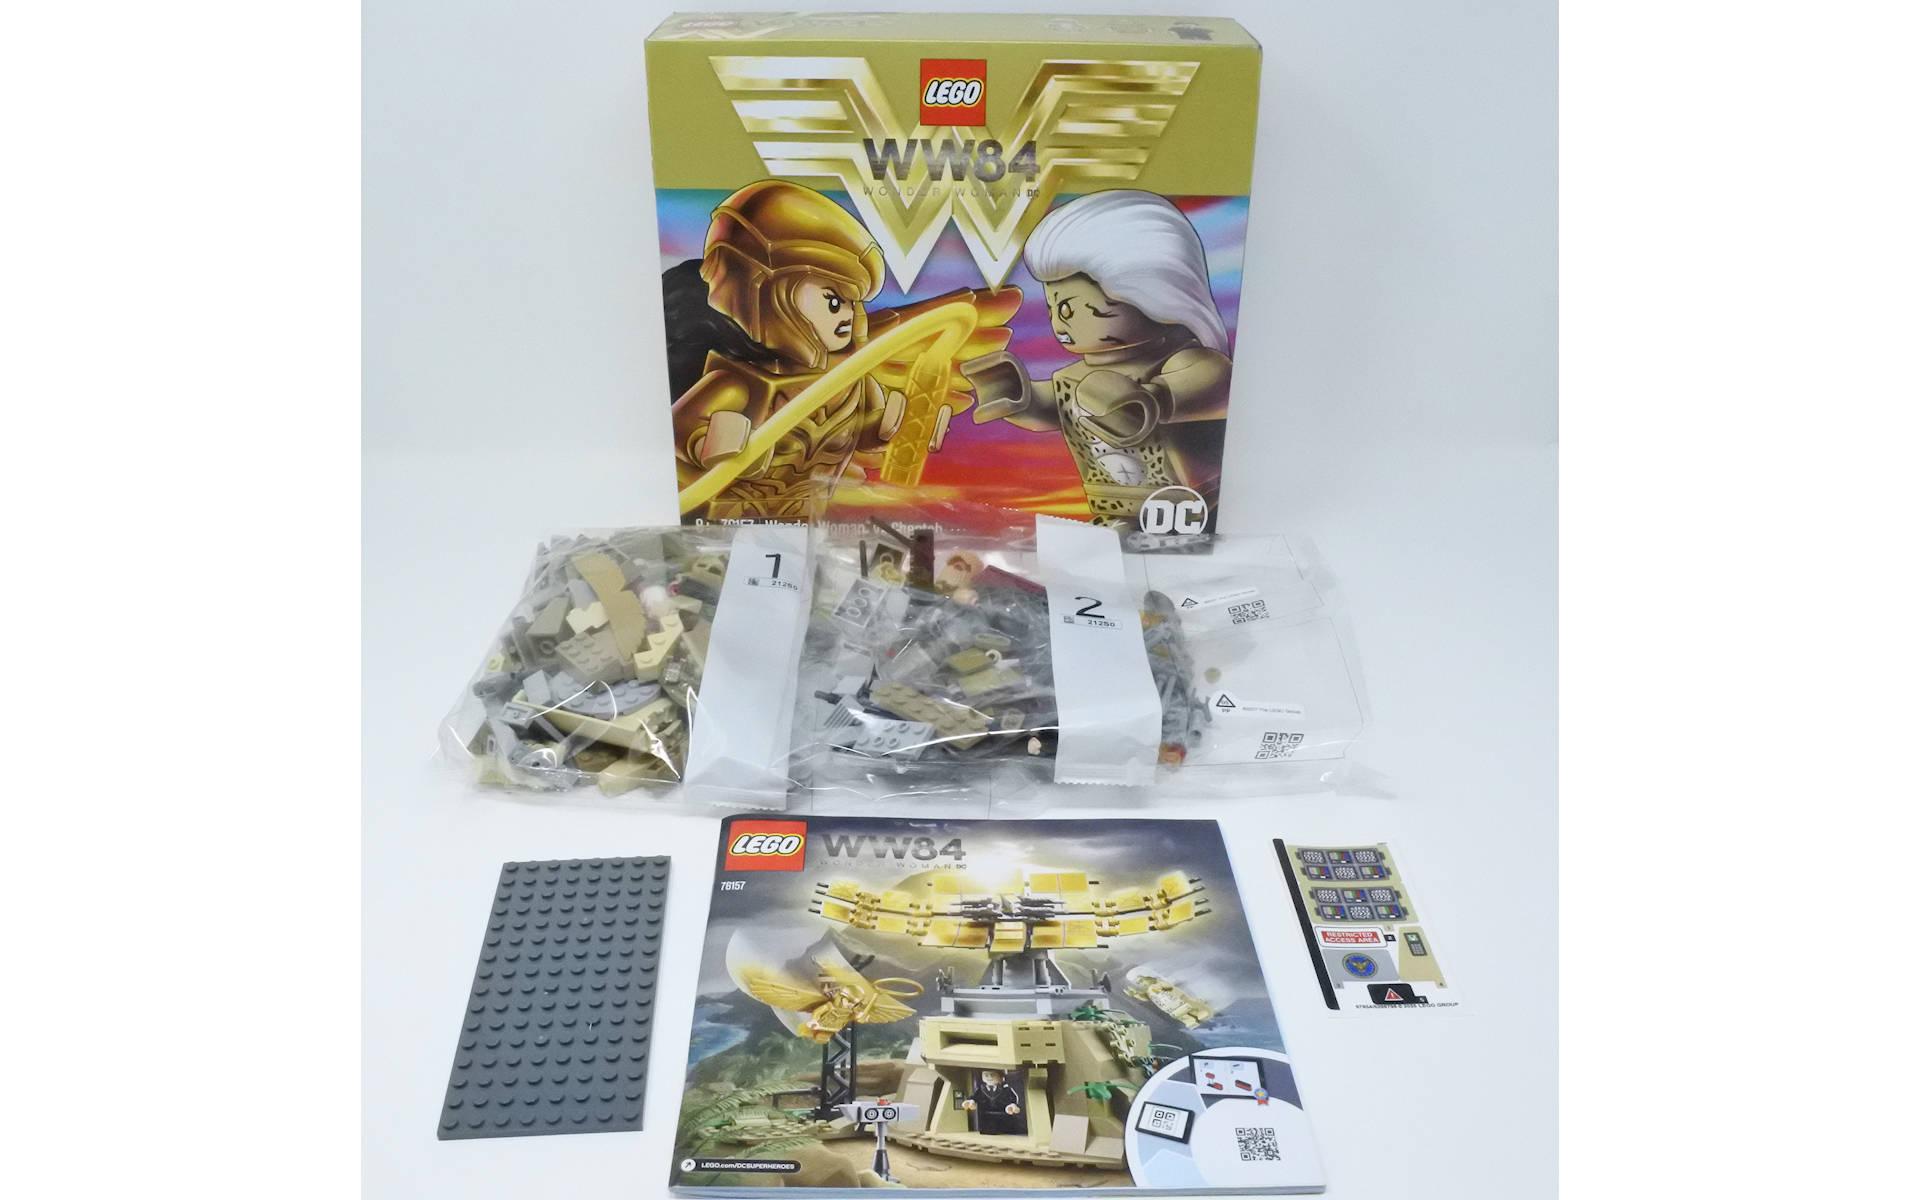 LEGO Wonder Woman 1984